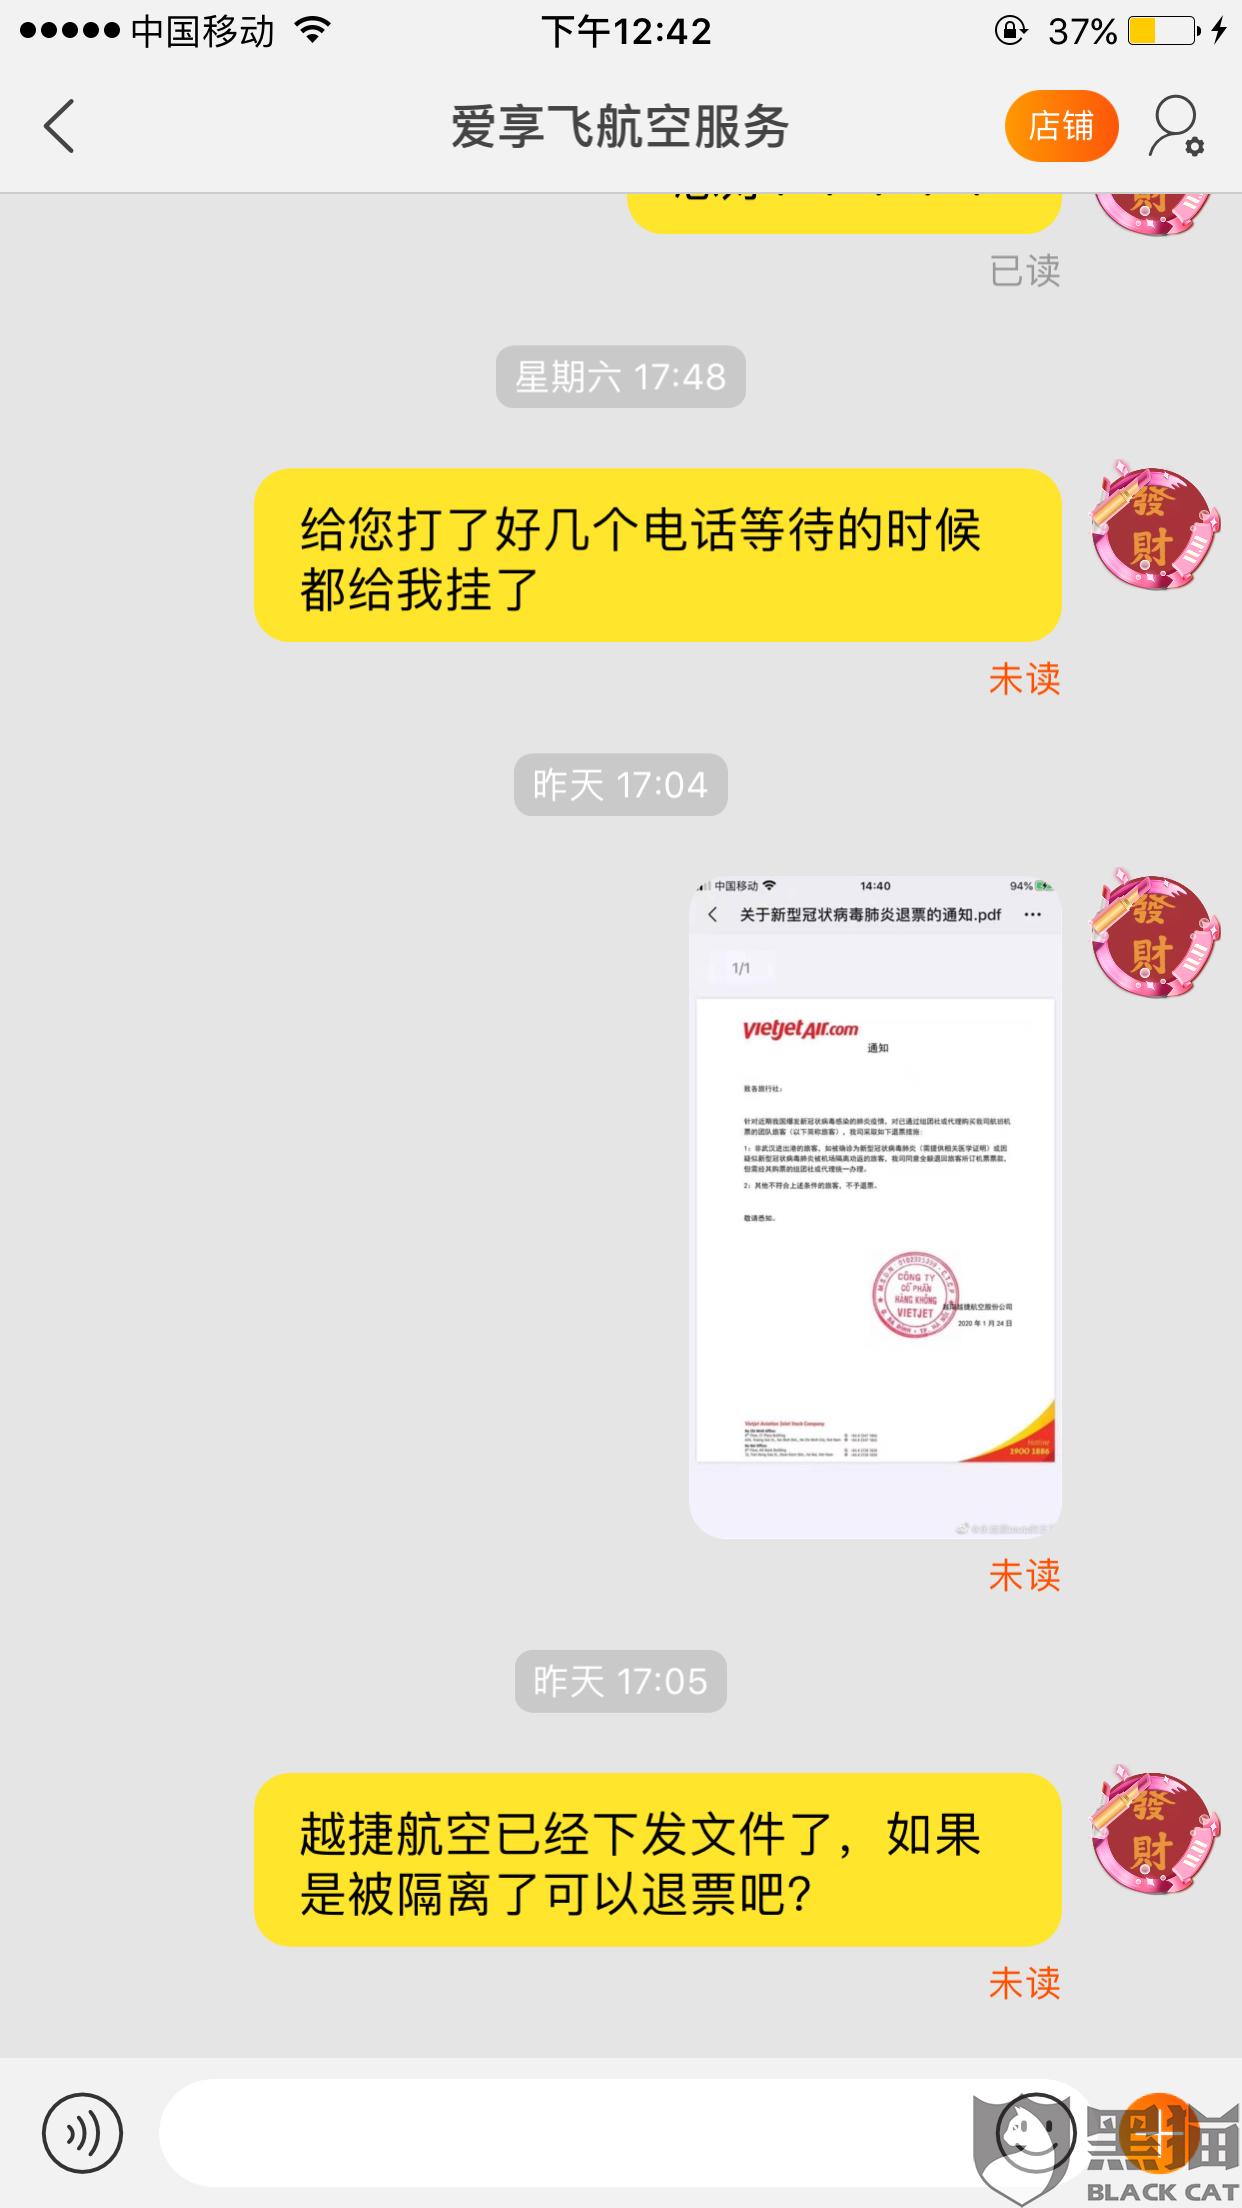 黑猫投诉:飞猪代理商家拒不回复退票要求,线上消息已读不回,线下电话无法接通